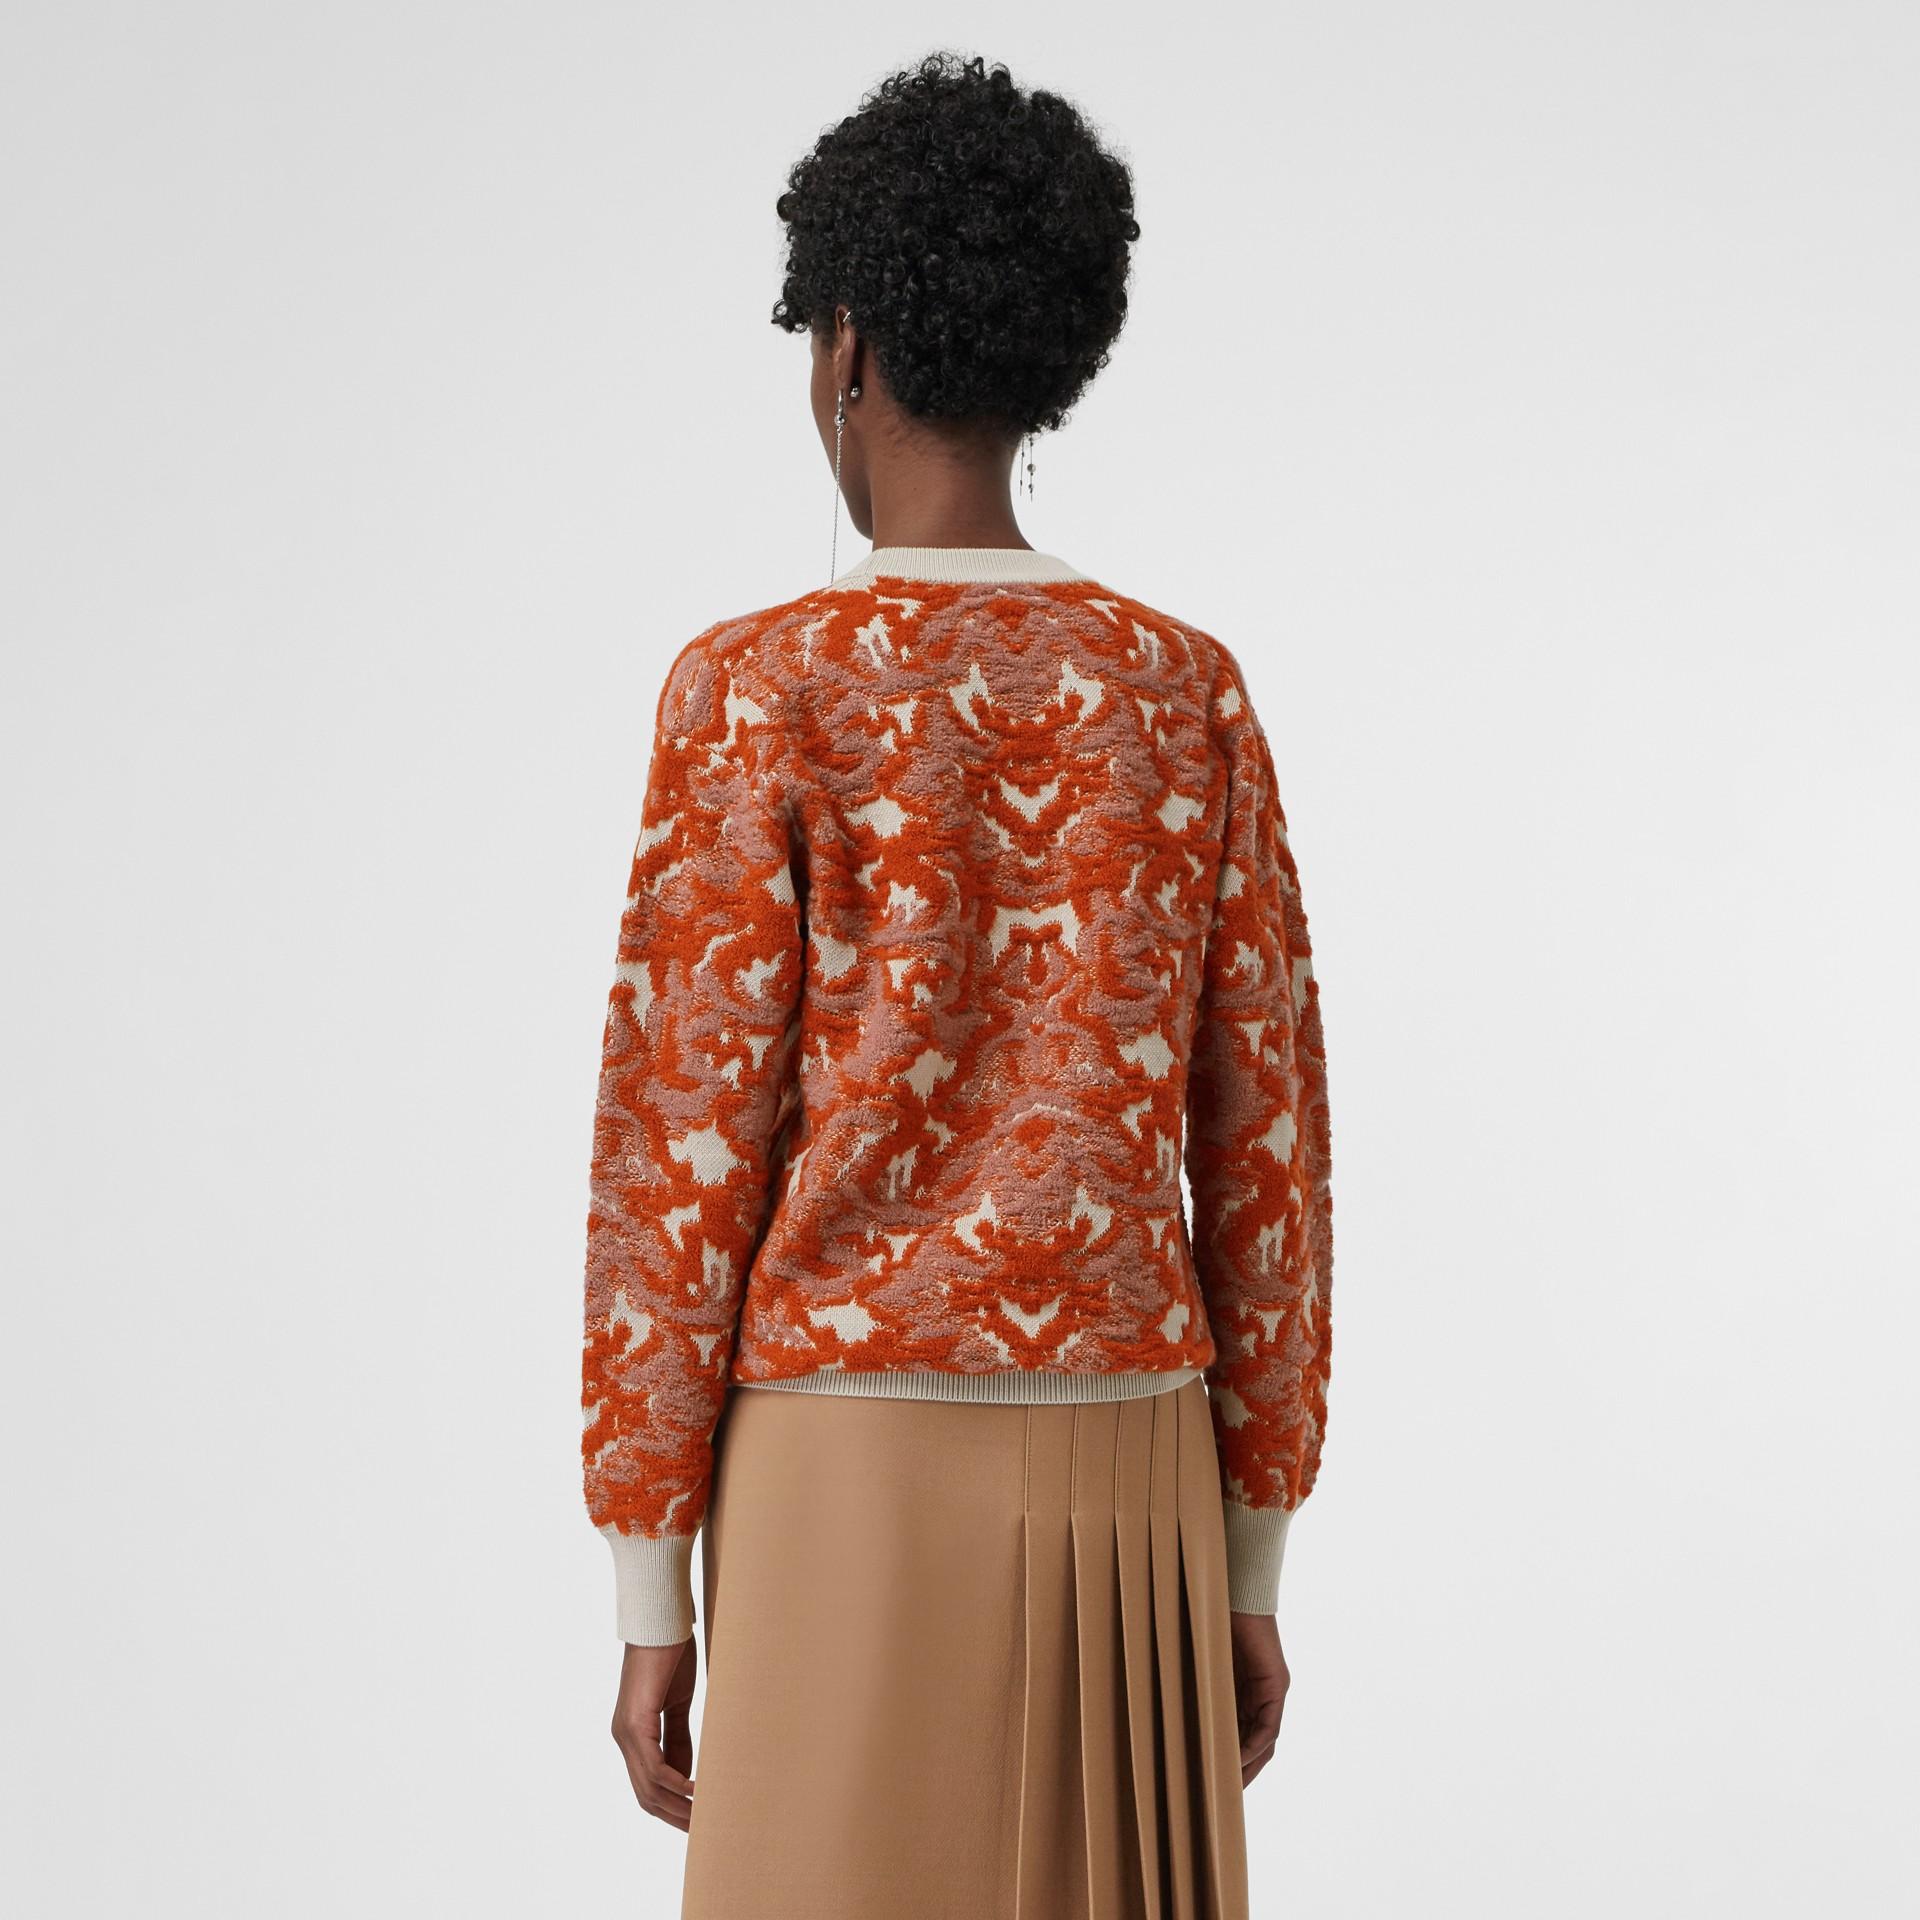 ダマスクウール シルクジャカード セーター (ピンクアゼリア) - ウィメンズ | バーバリー - ギャラリーイメージ 2